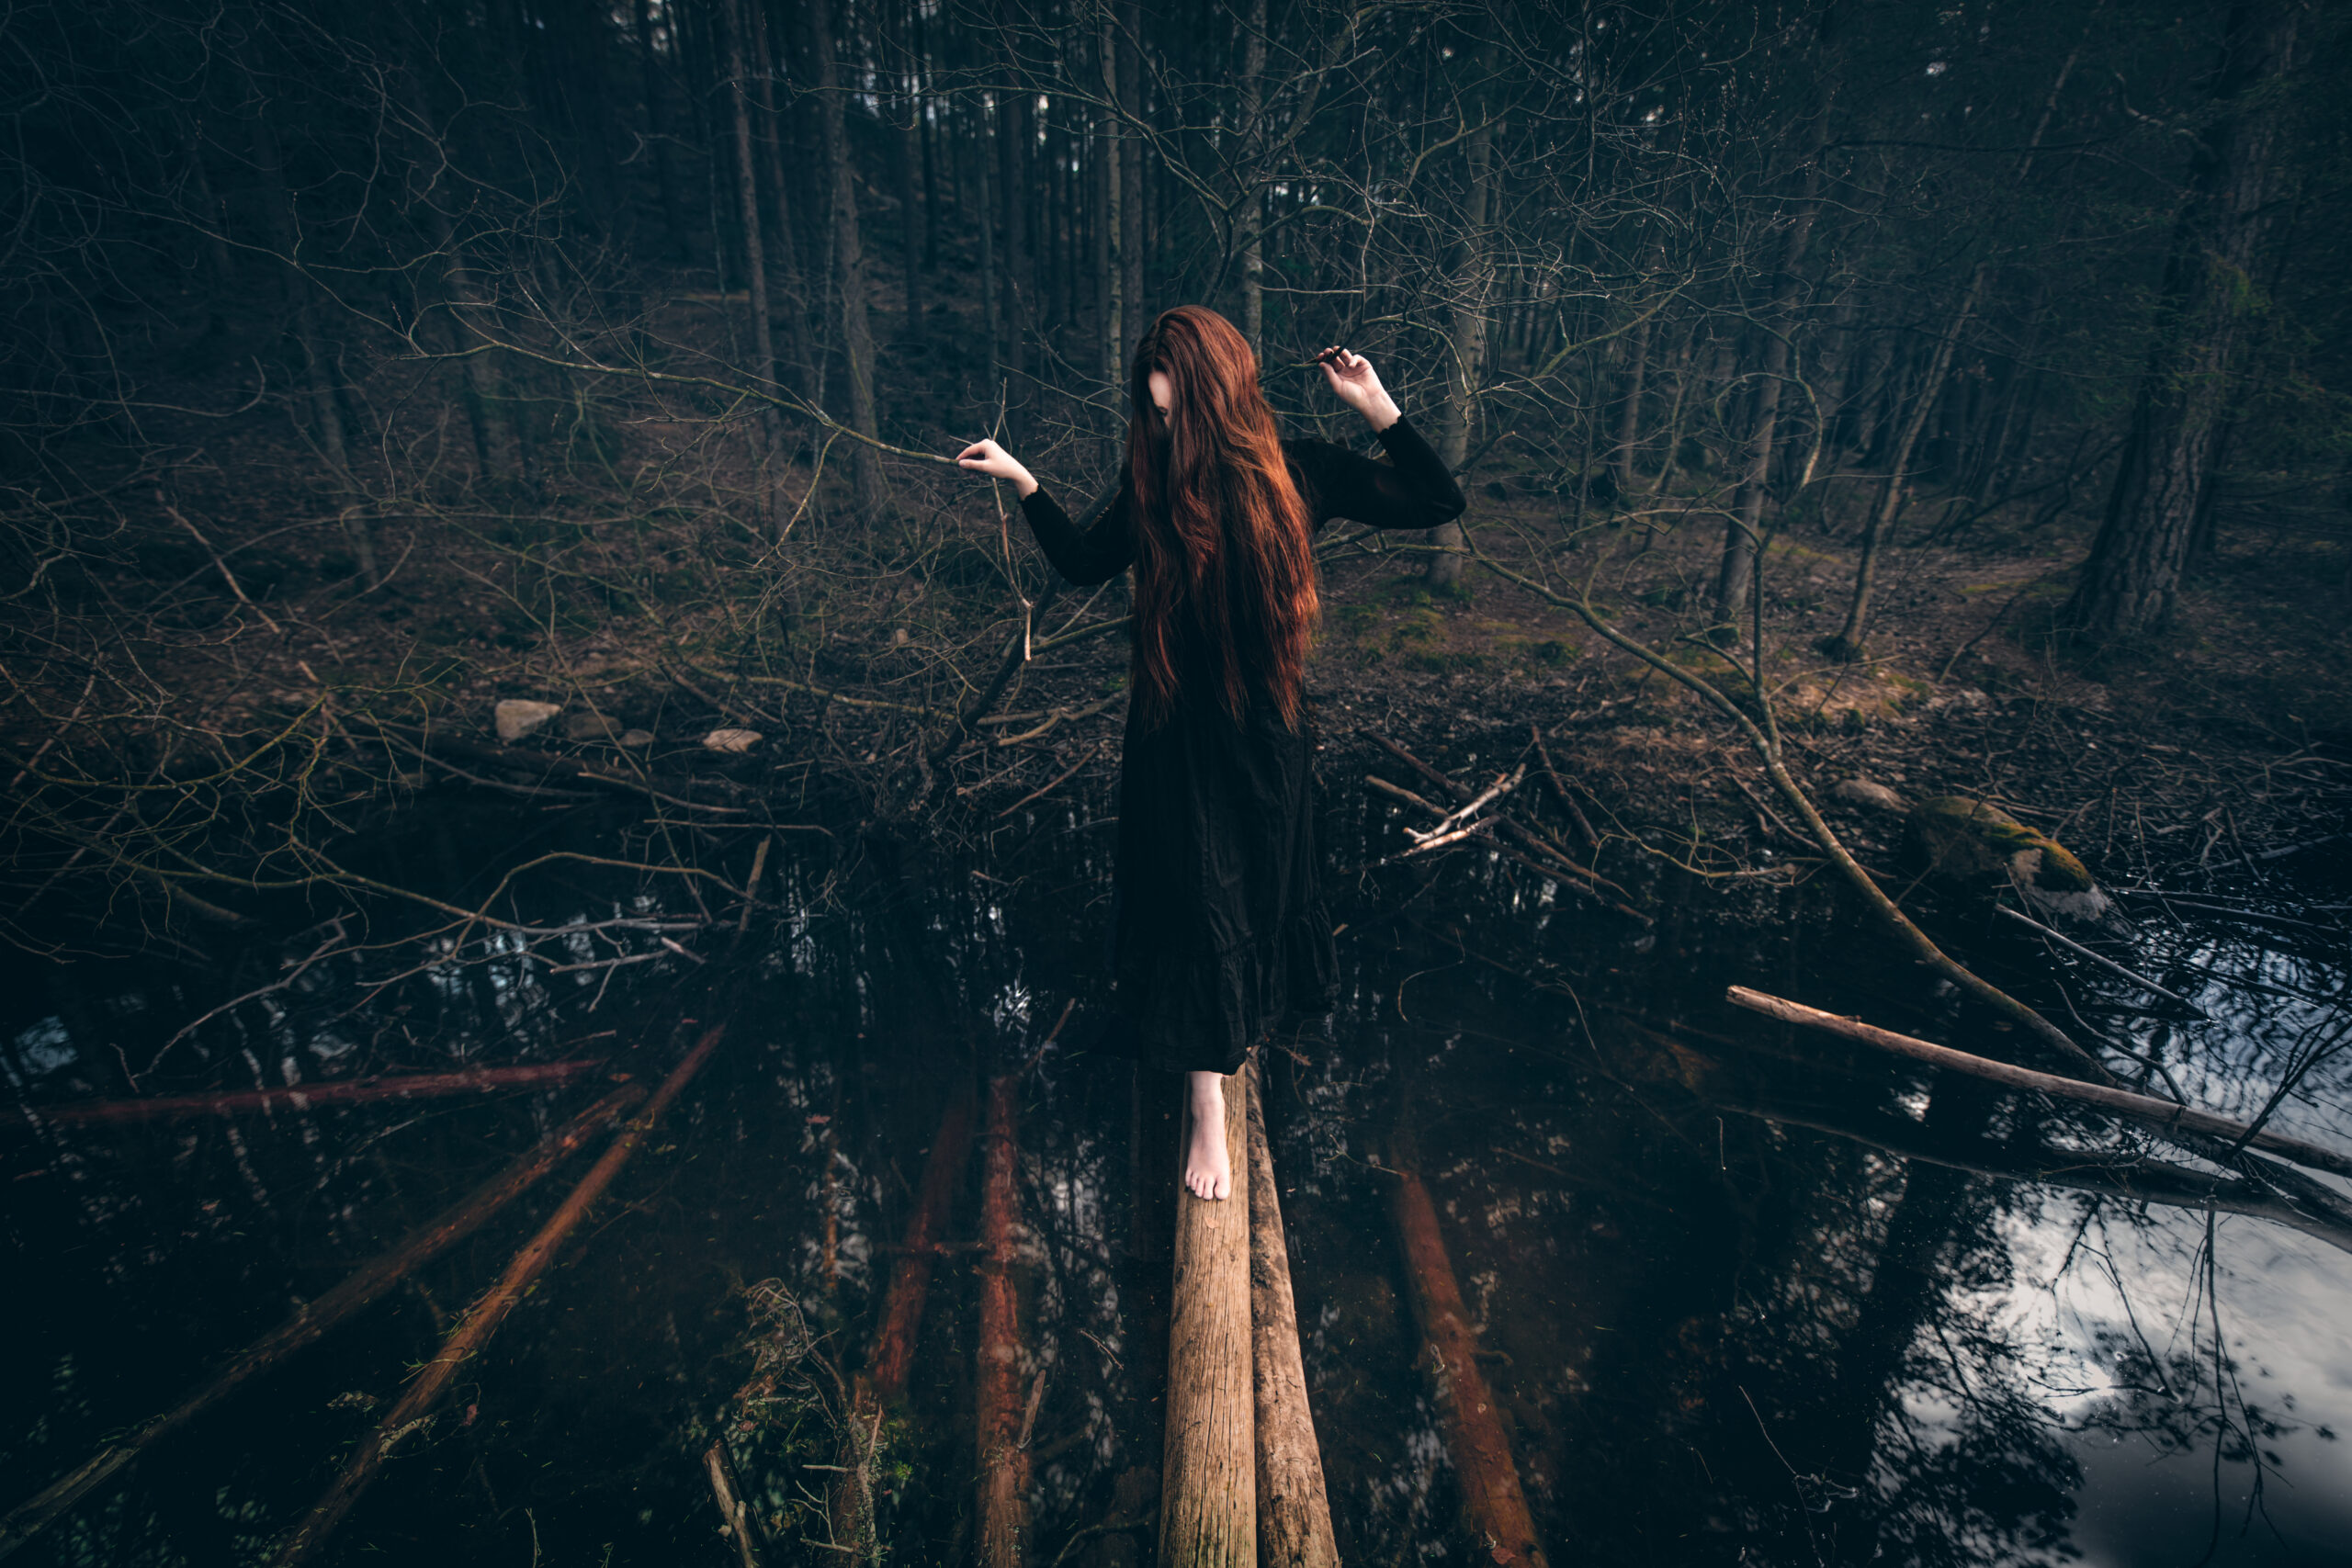 Skog, tjern og grotte